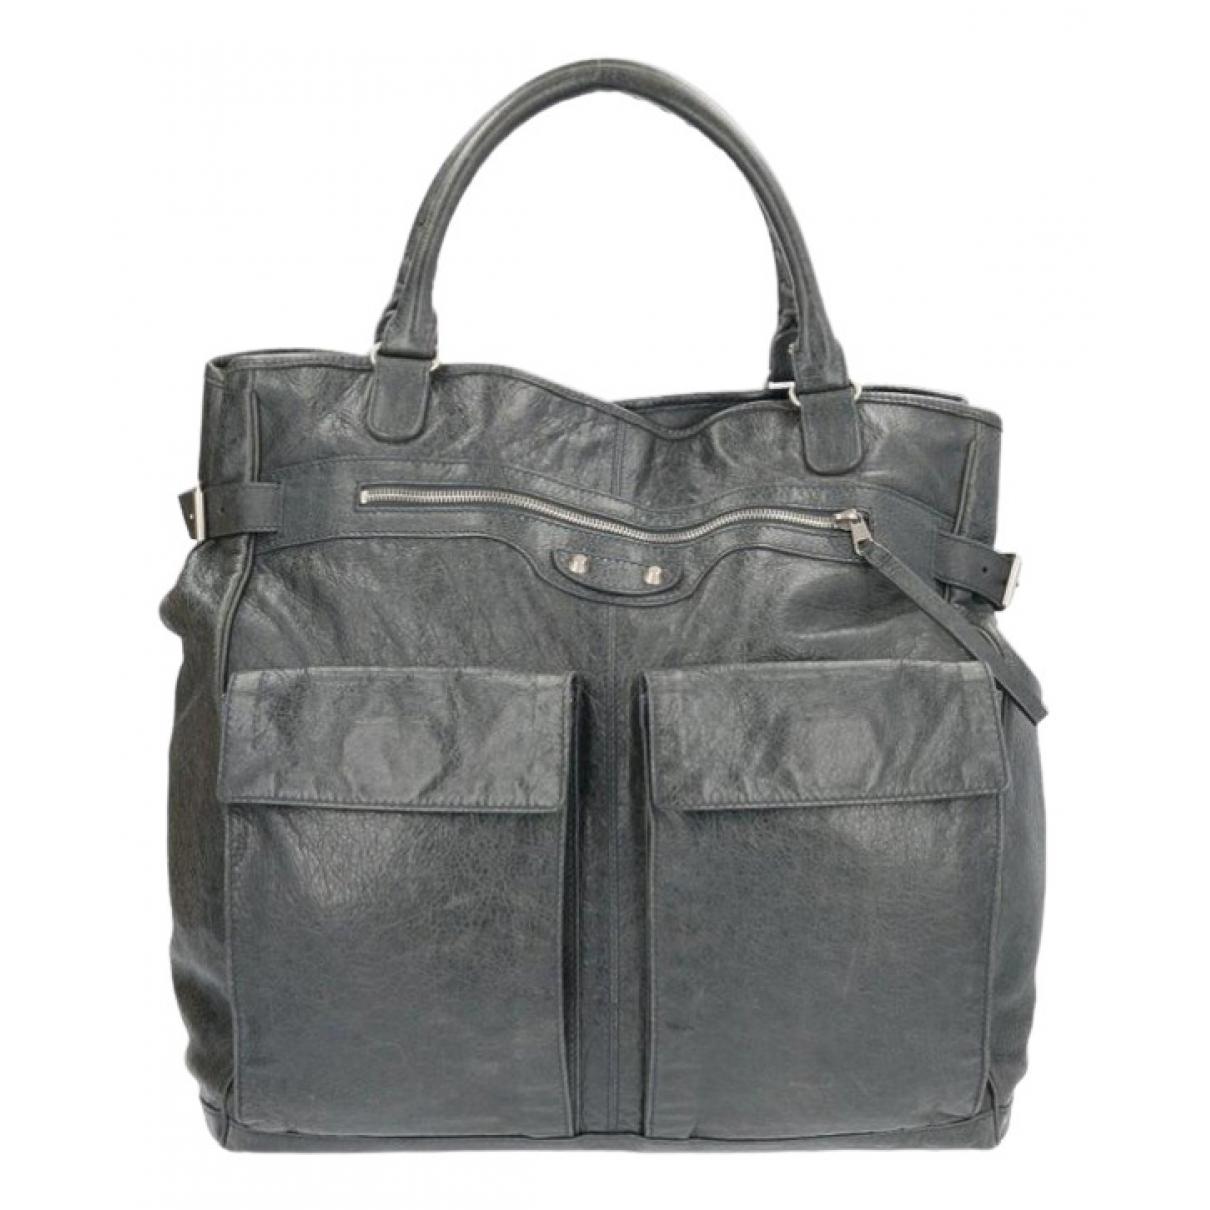 Balenciaga - Sac a main   pour femme en cuir - gris